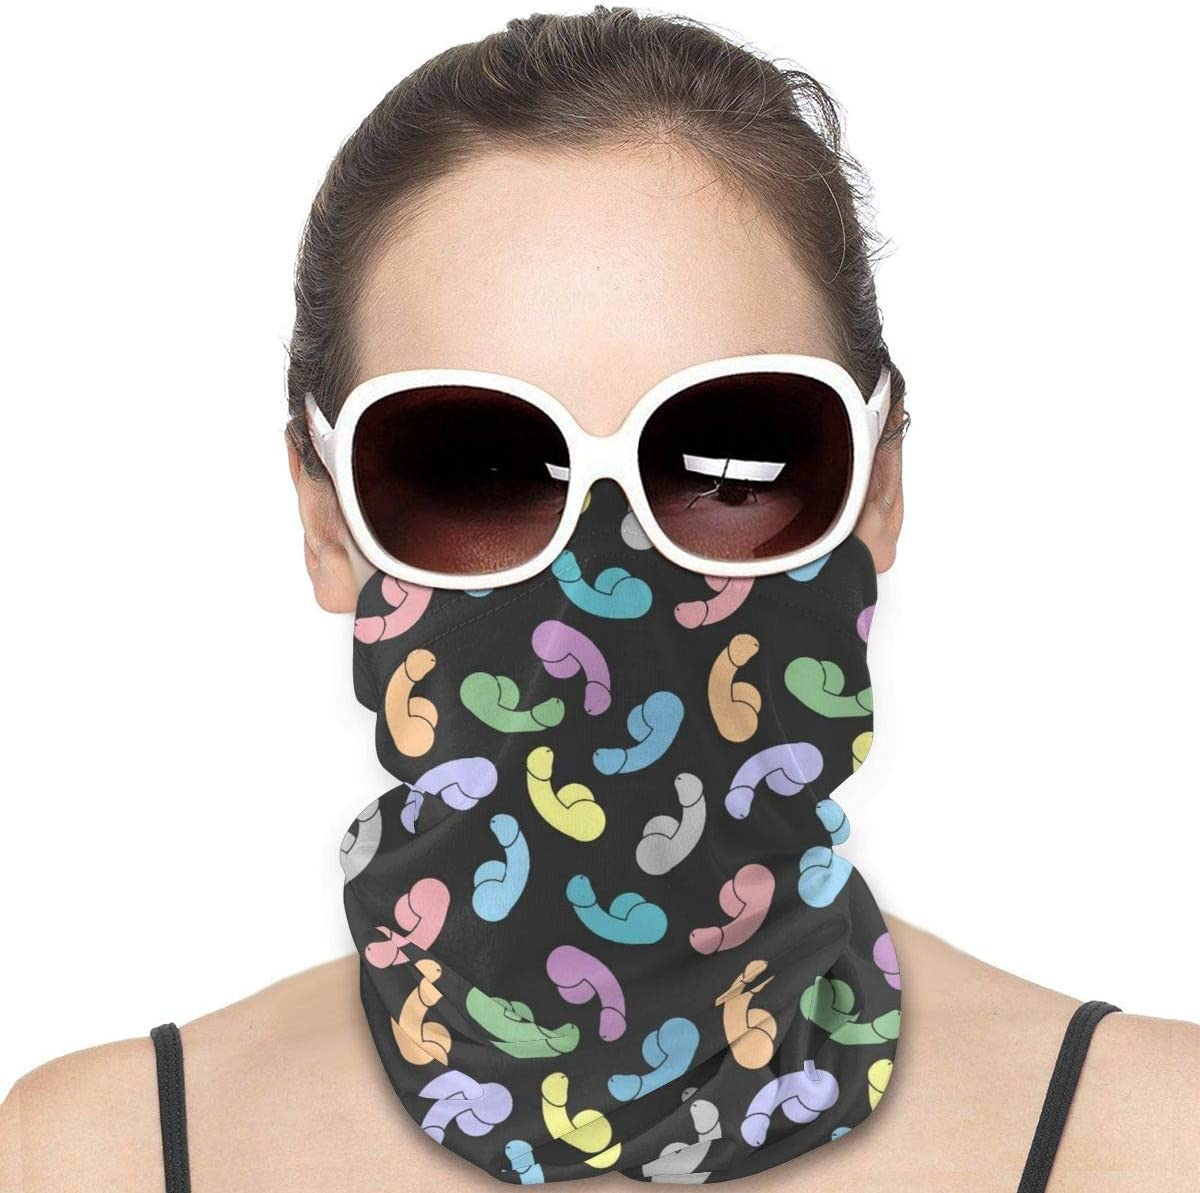 UPF 50 HomeLEE Sunset Mountains Night Unisex Full-Coverage Tube Face Mask Bandanas UV Protection Neck Gaiter Headband Fabric